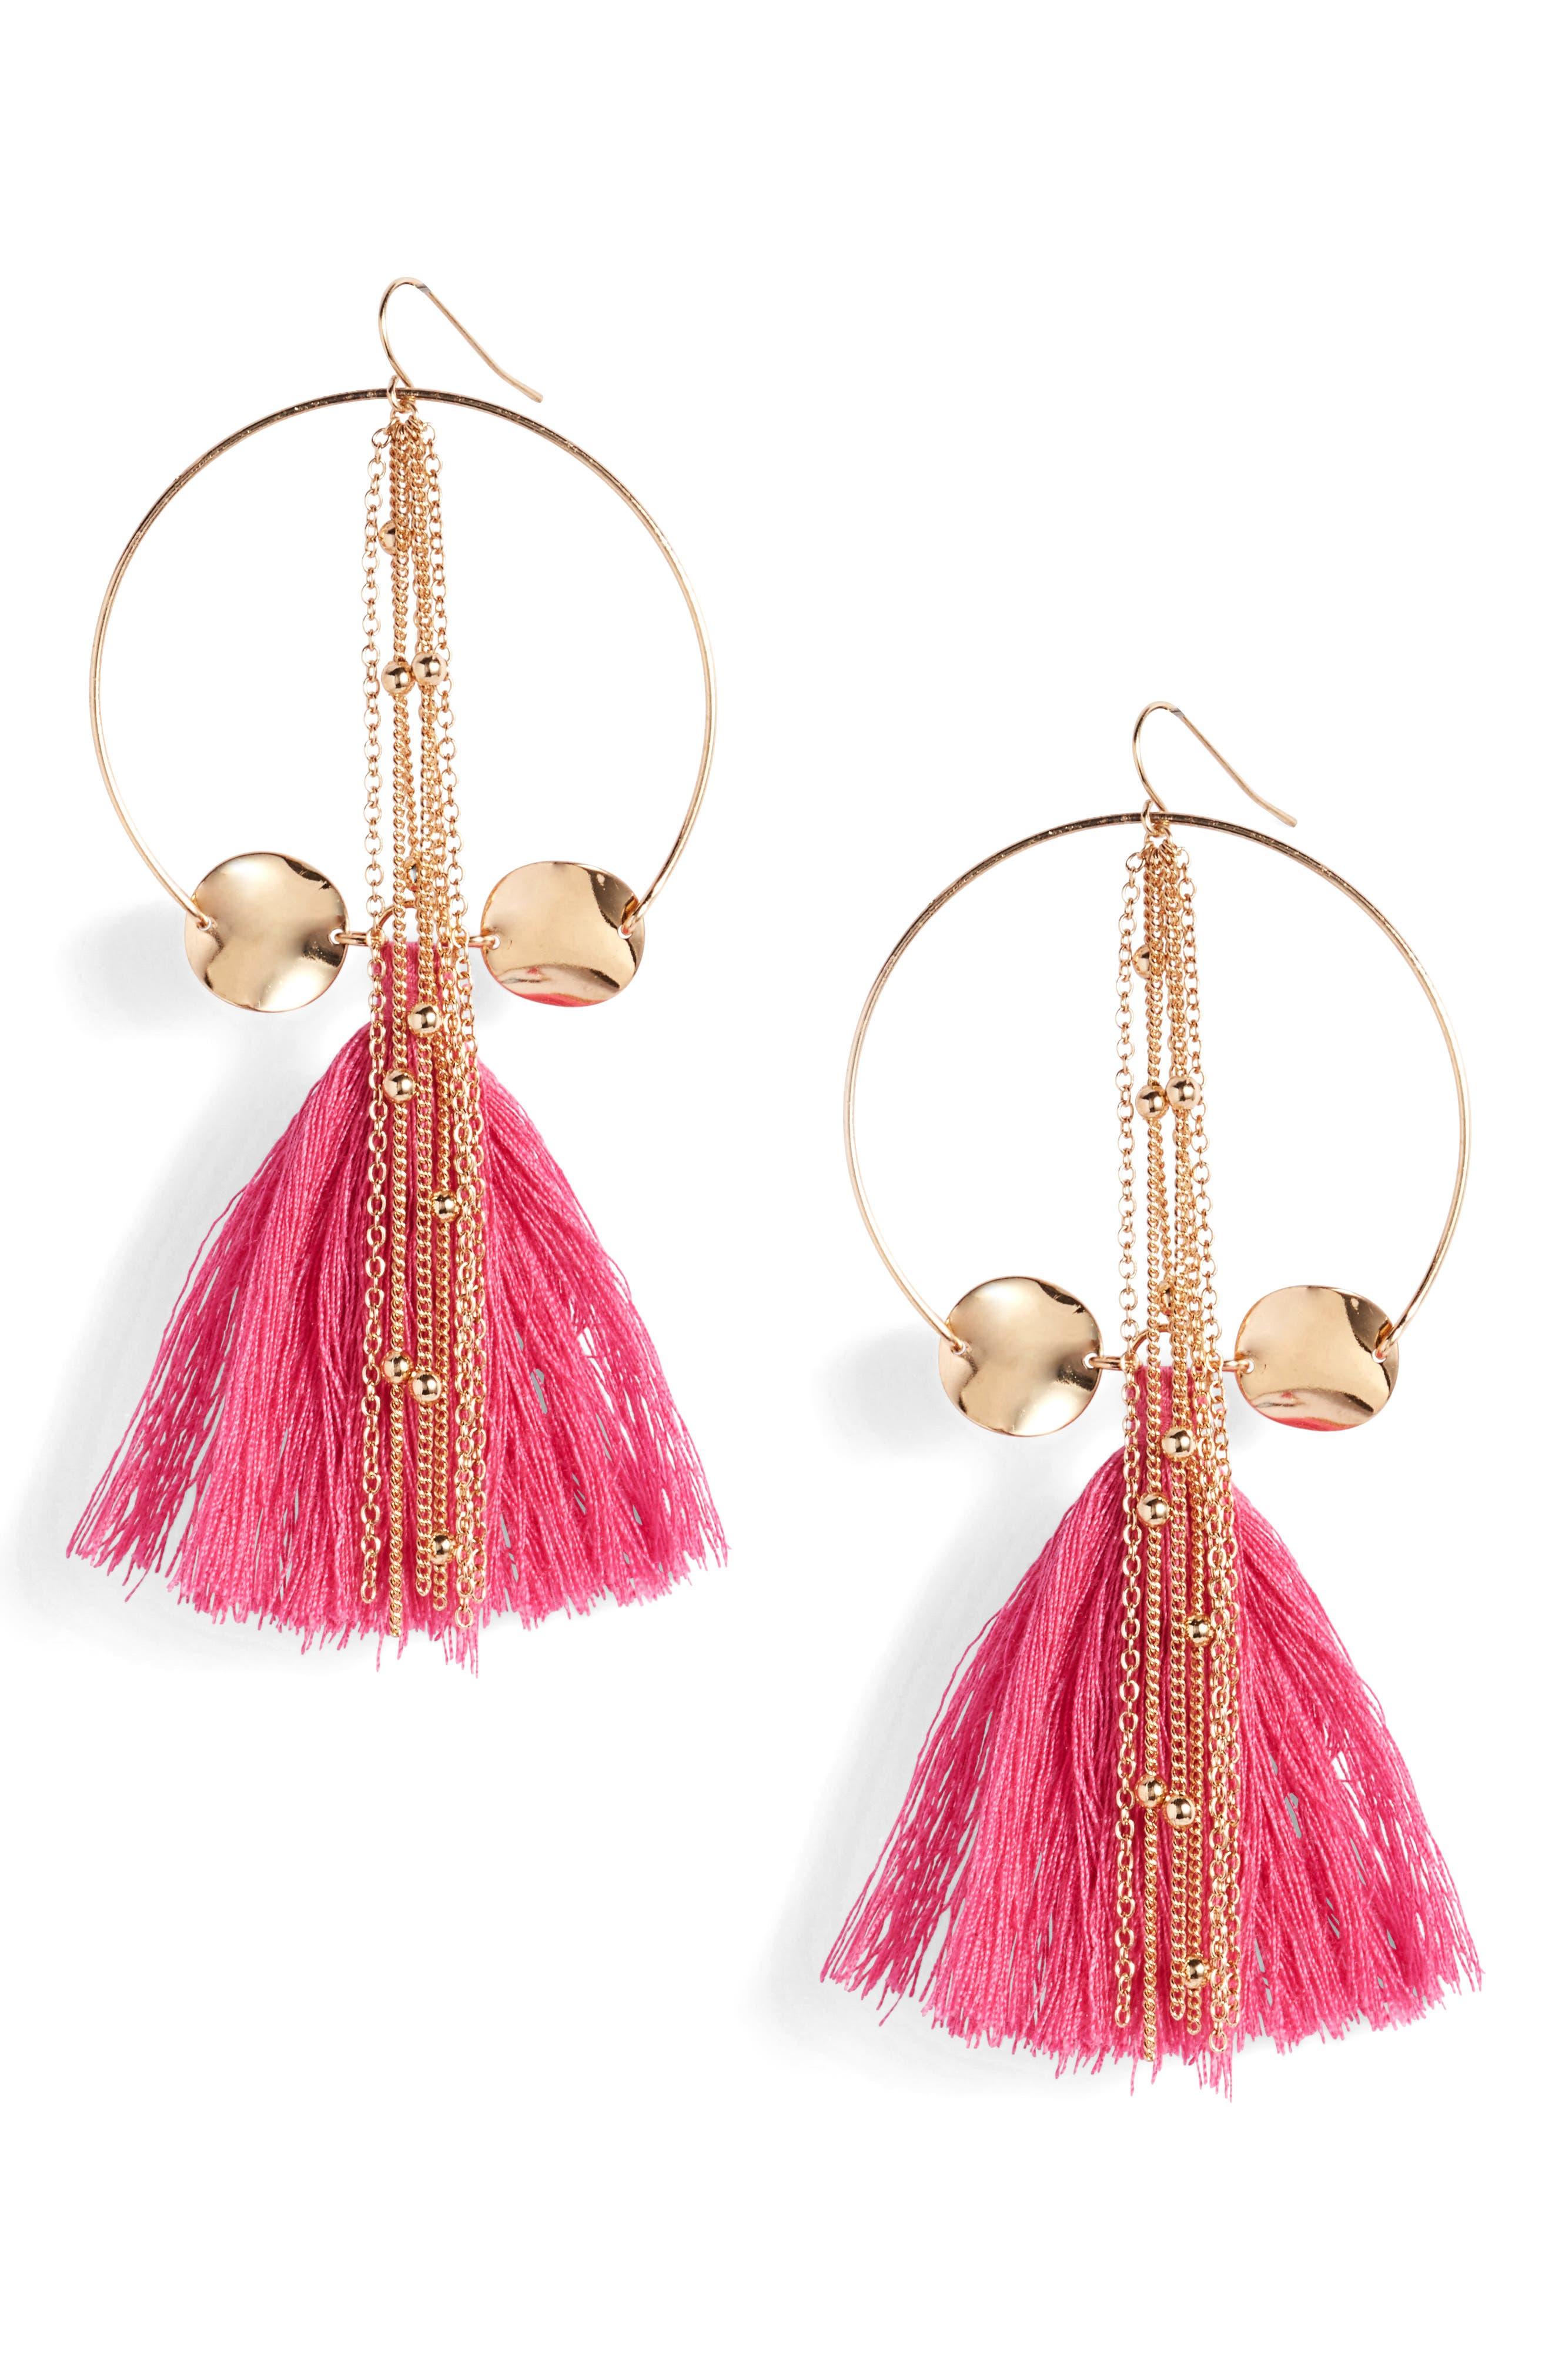 Tassel Hoop Earrings,                             Main thumbnail 1, color,                             Pink/ Gold